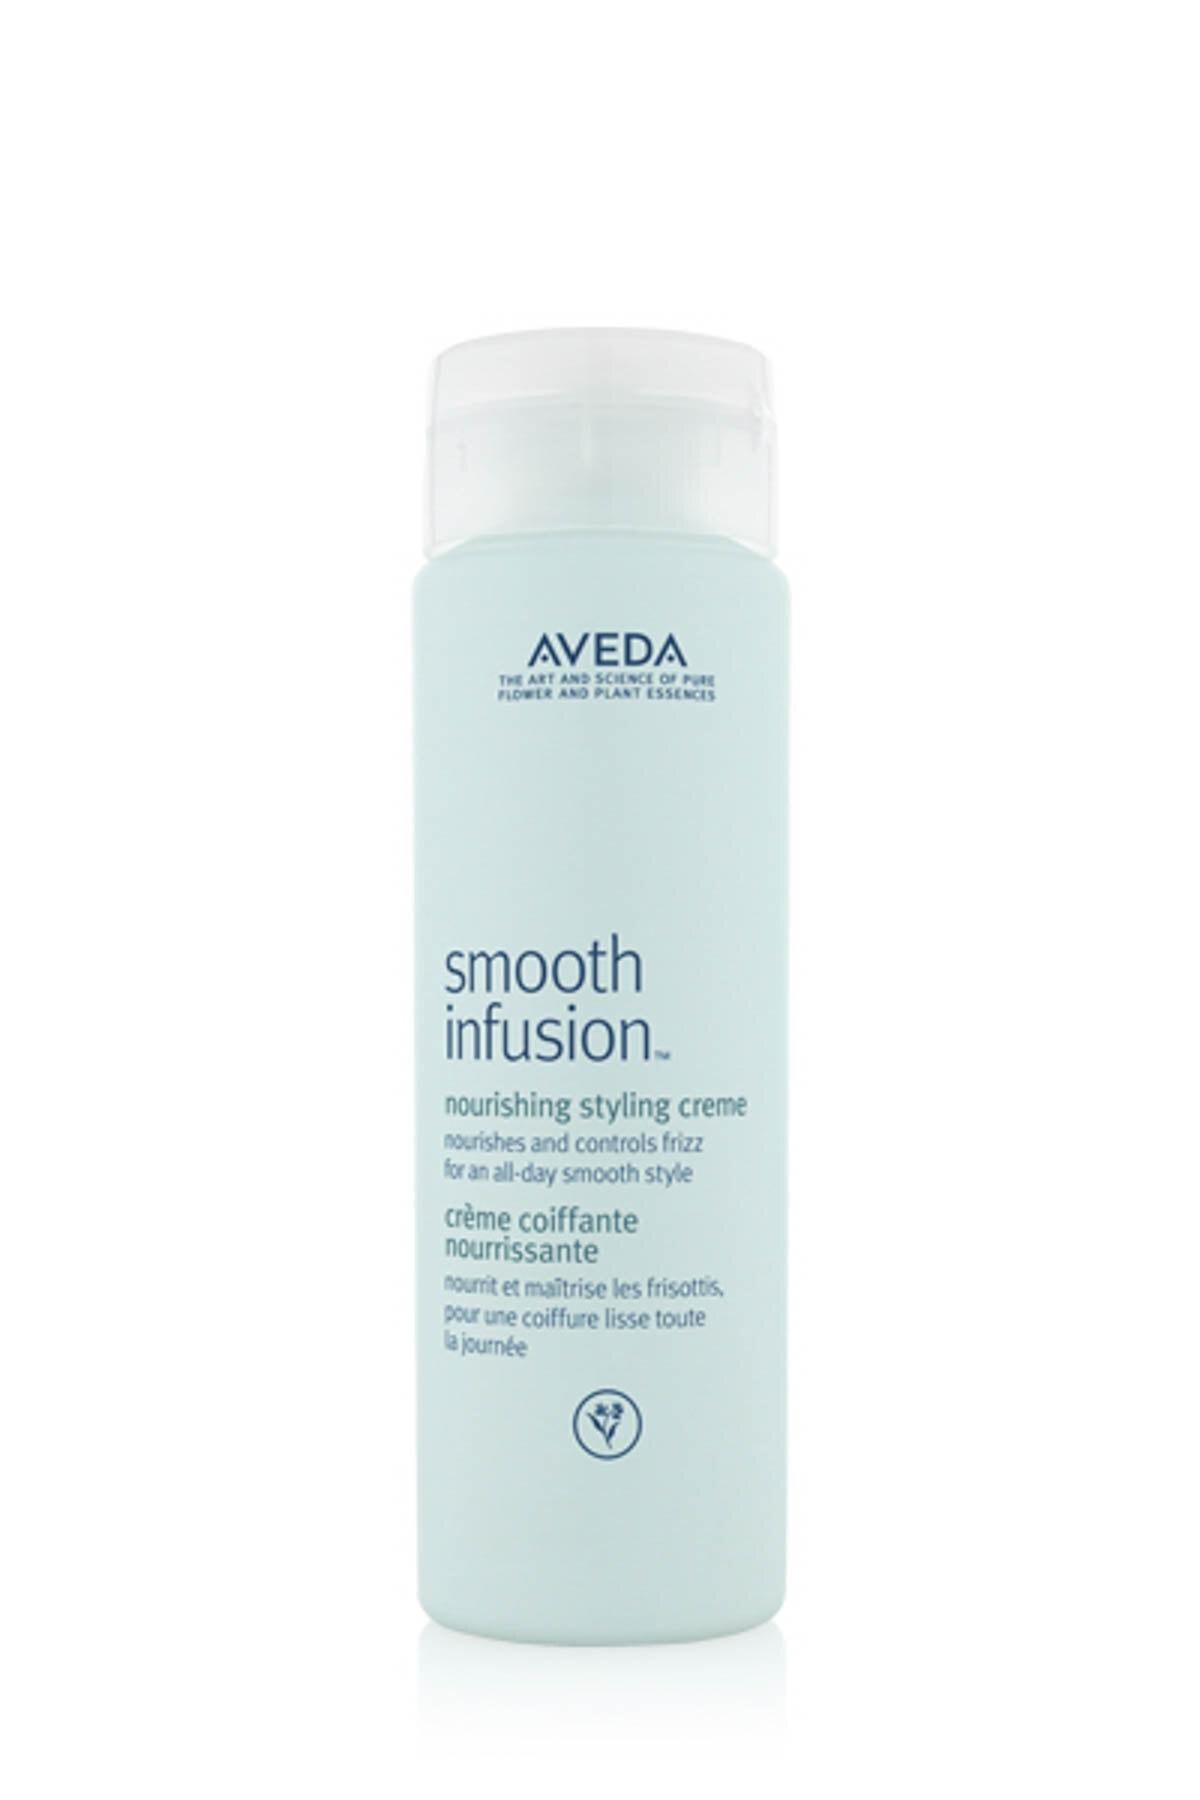 Aveda Smooth Infusion Besleyici Saç Şekillendirici Krem 250ml 018084947333 0